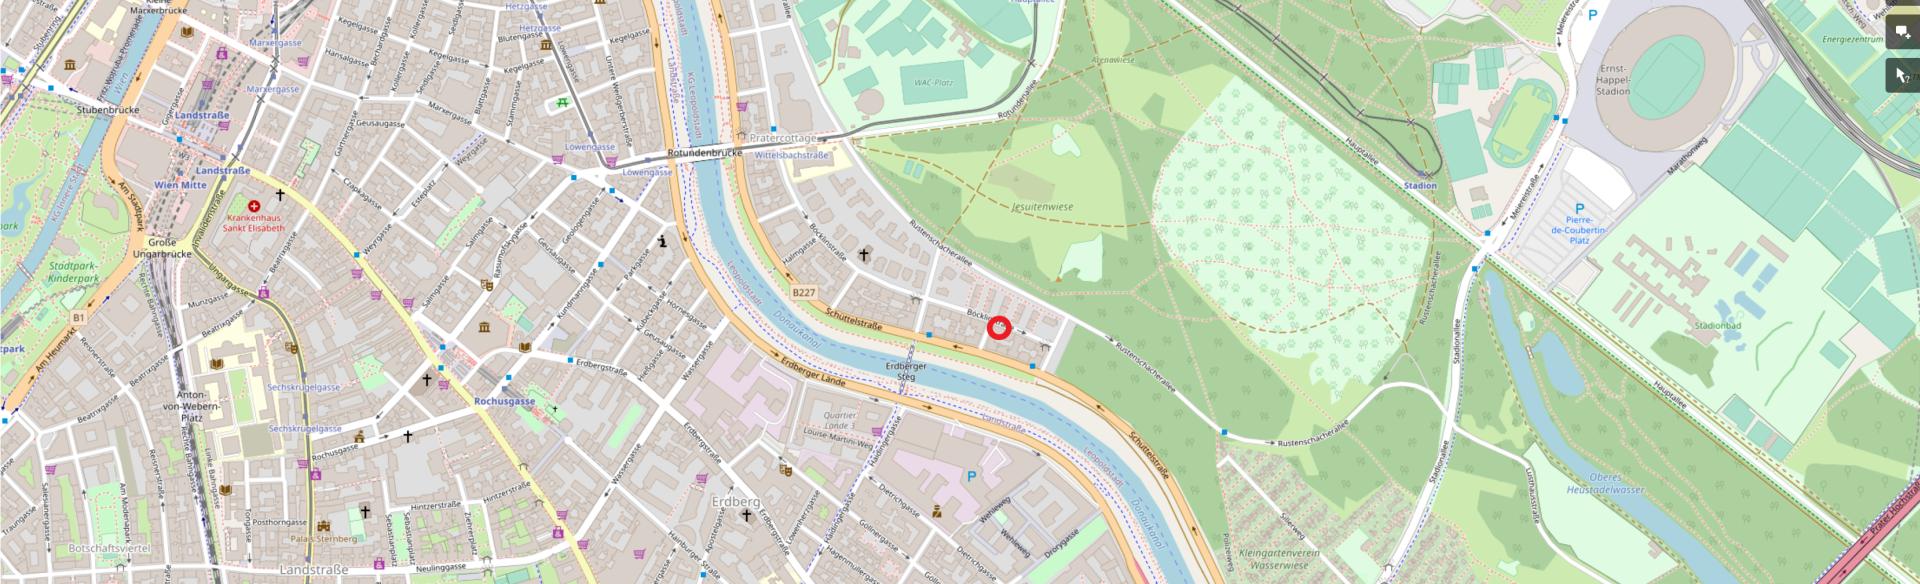 openstreetmap.org Map